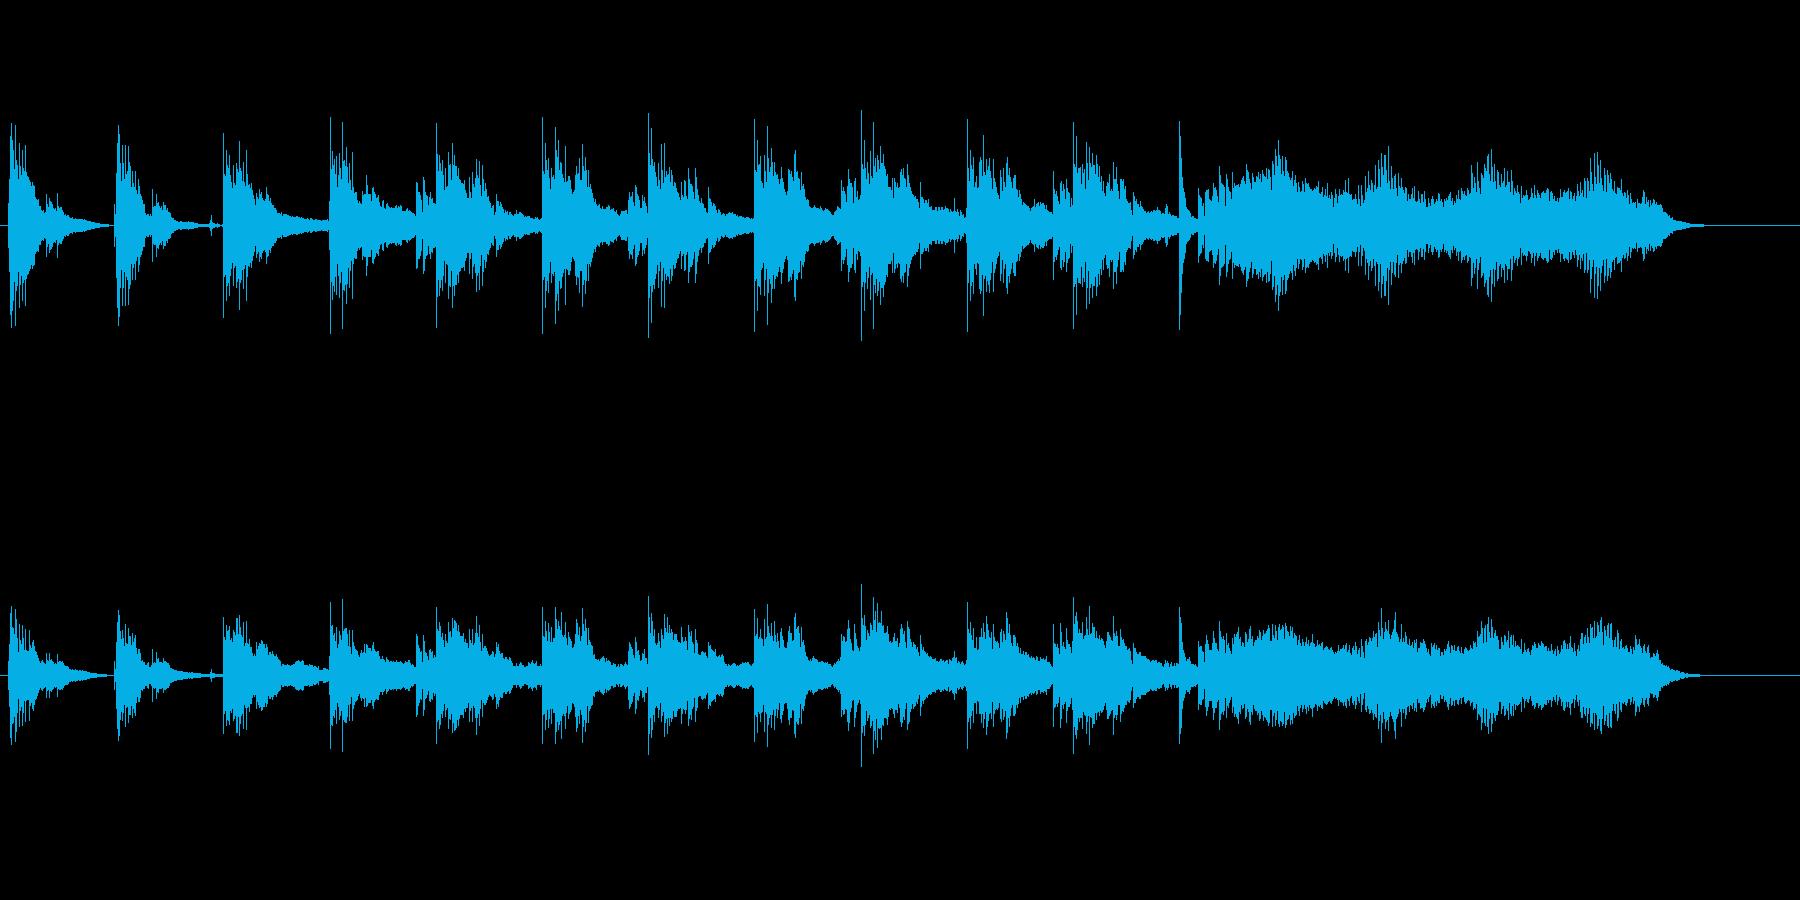 水辺を思わせる素朴で端正な環境音楽の再生済みの波形